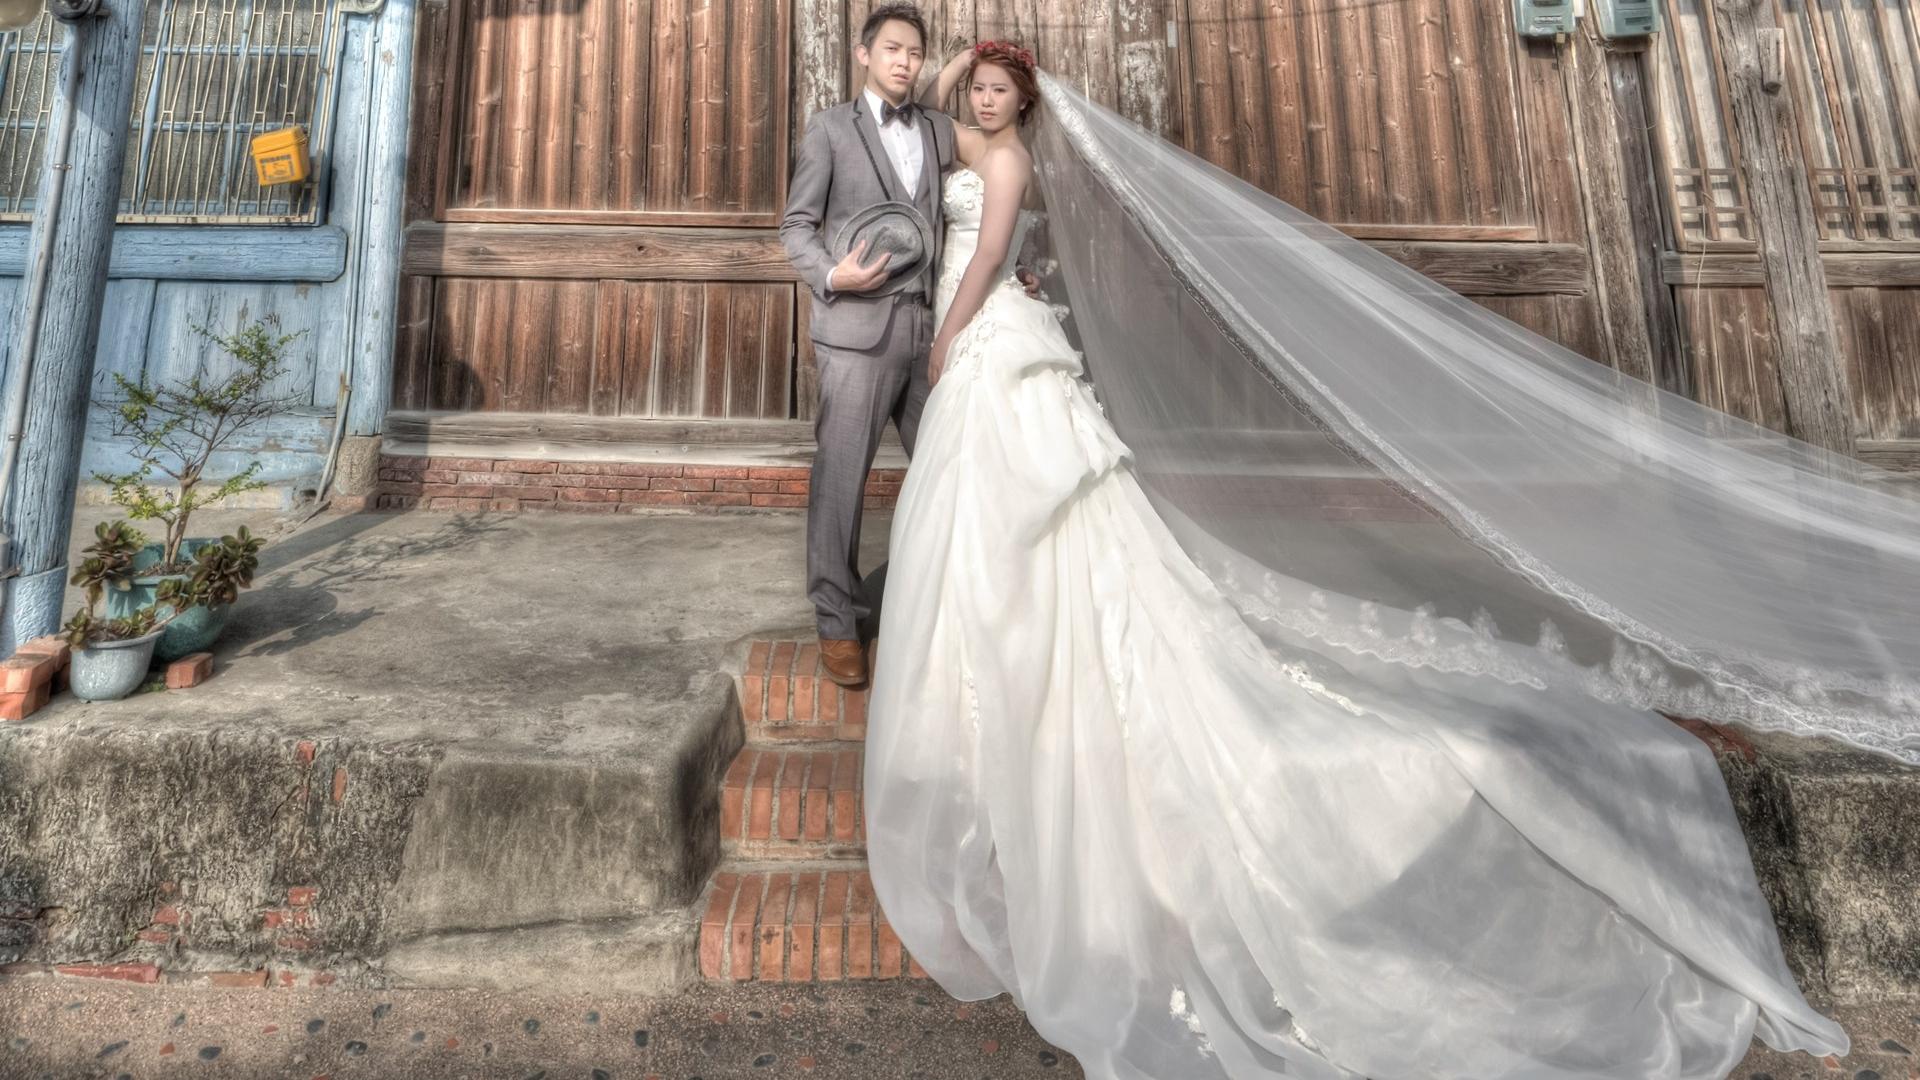 【自助婚紗】 拍婚紗推薦景點